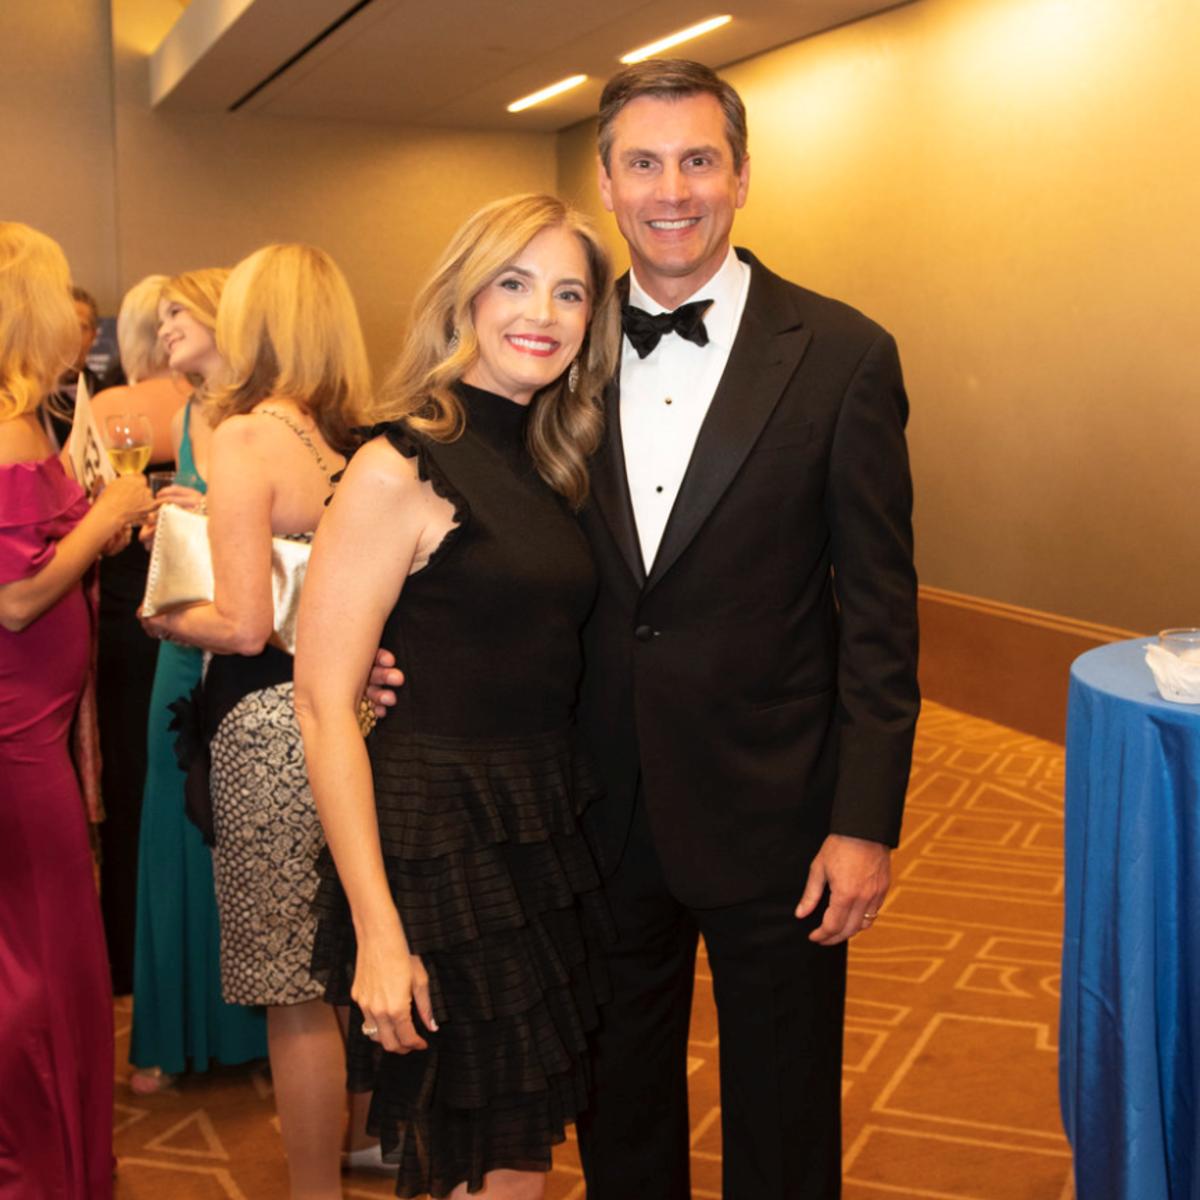 Allison Dooley and Derek Dooley